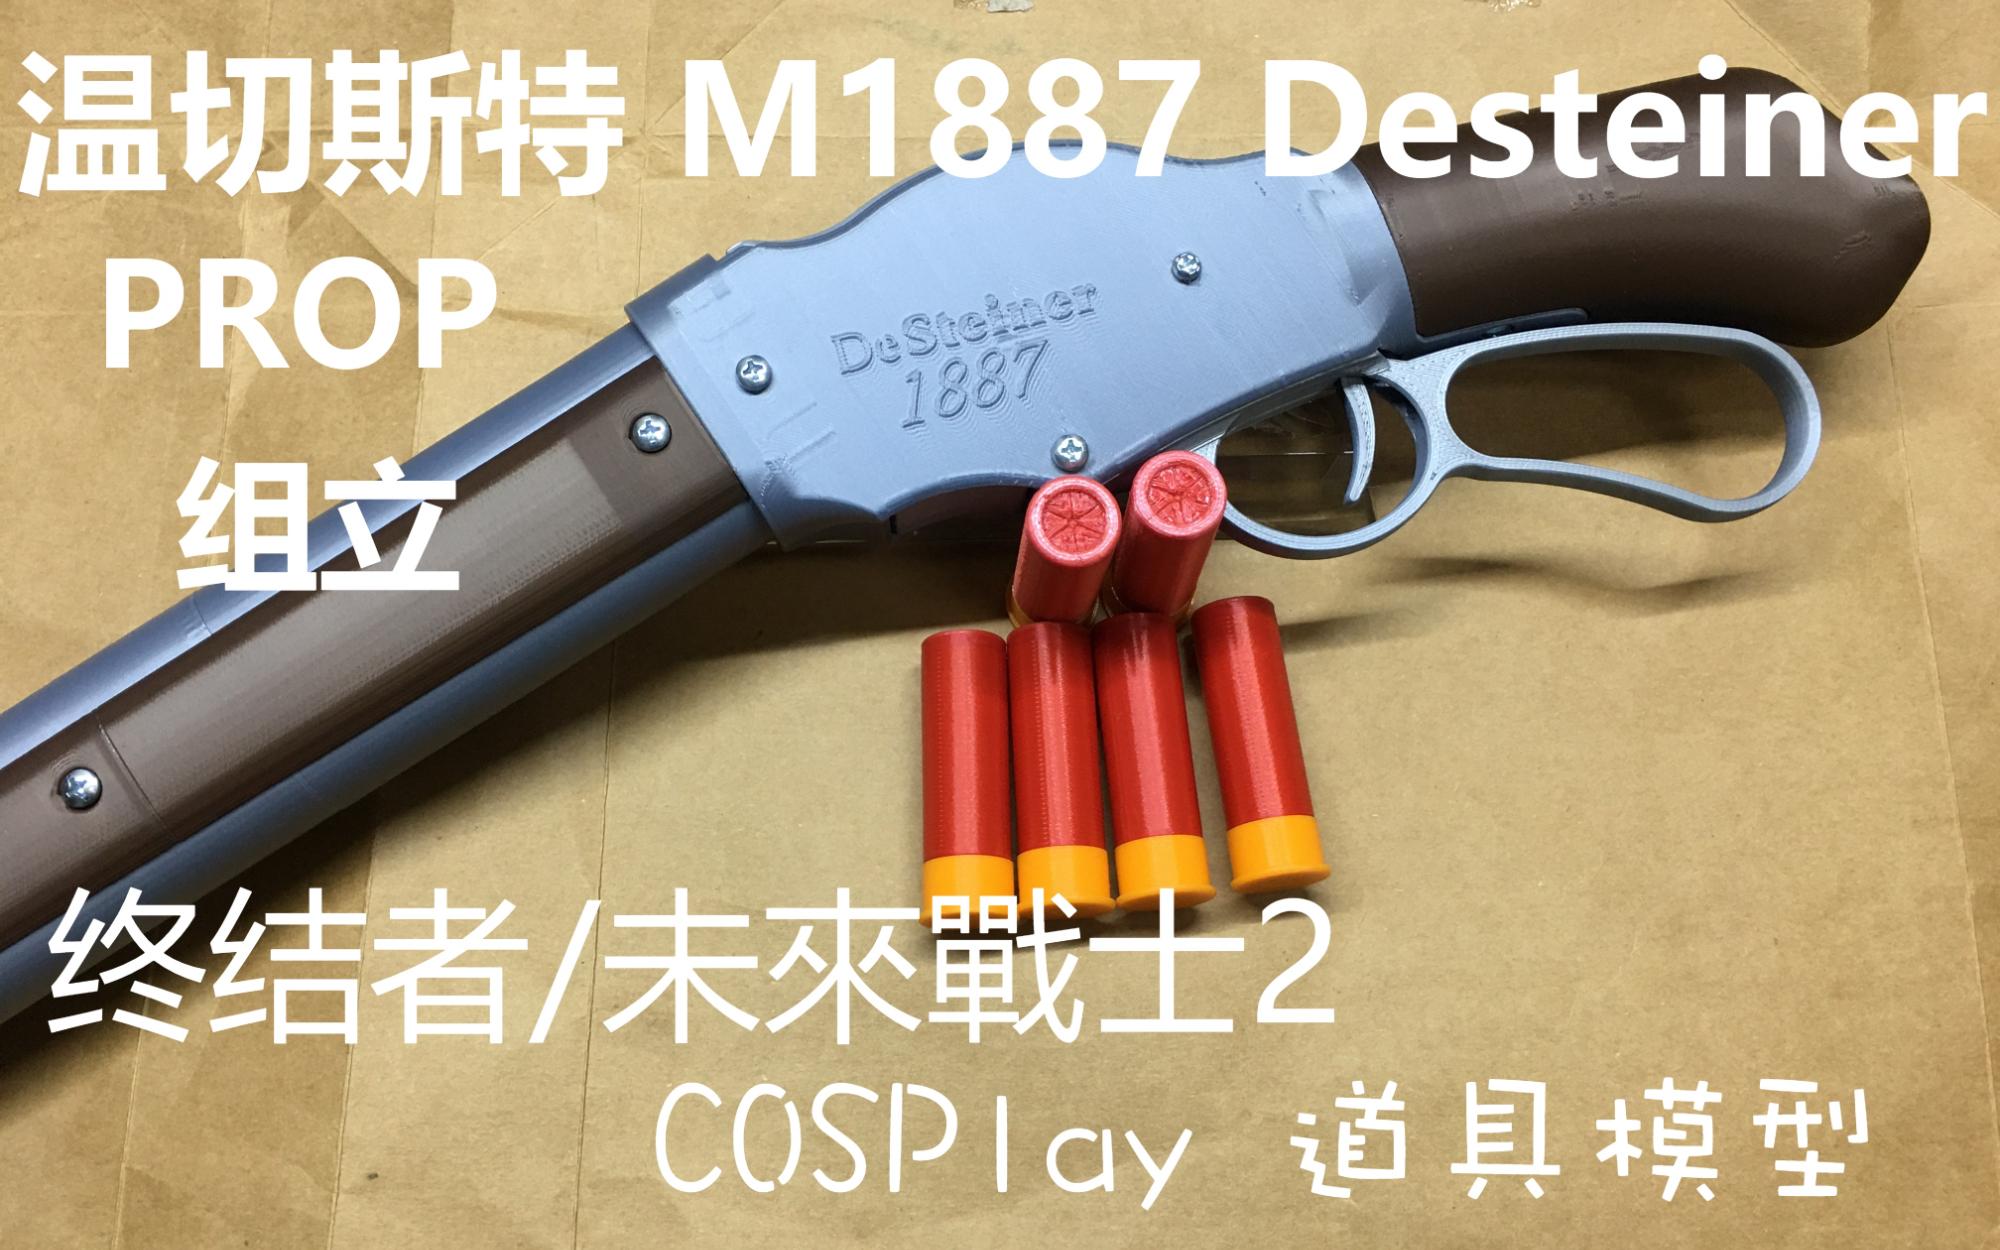 PROP 温彻斯特 M1887 【A莎3D 打印COSPlay道具模型】